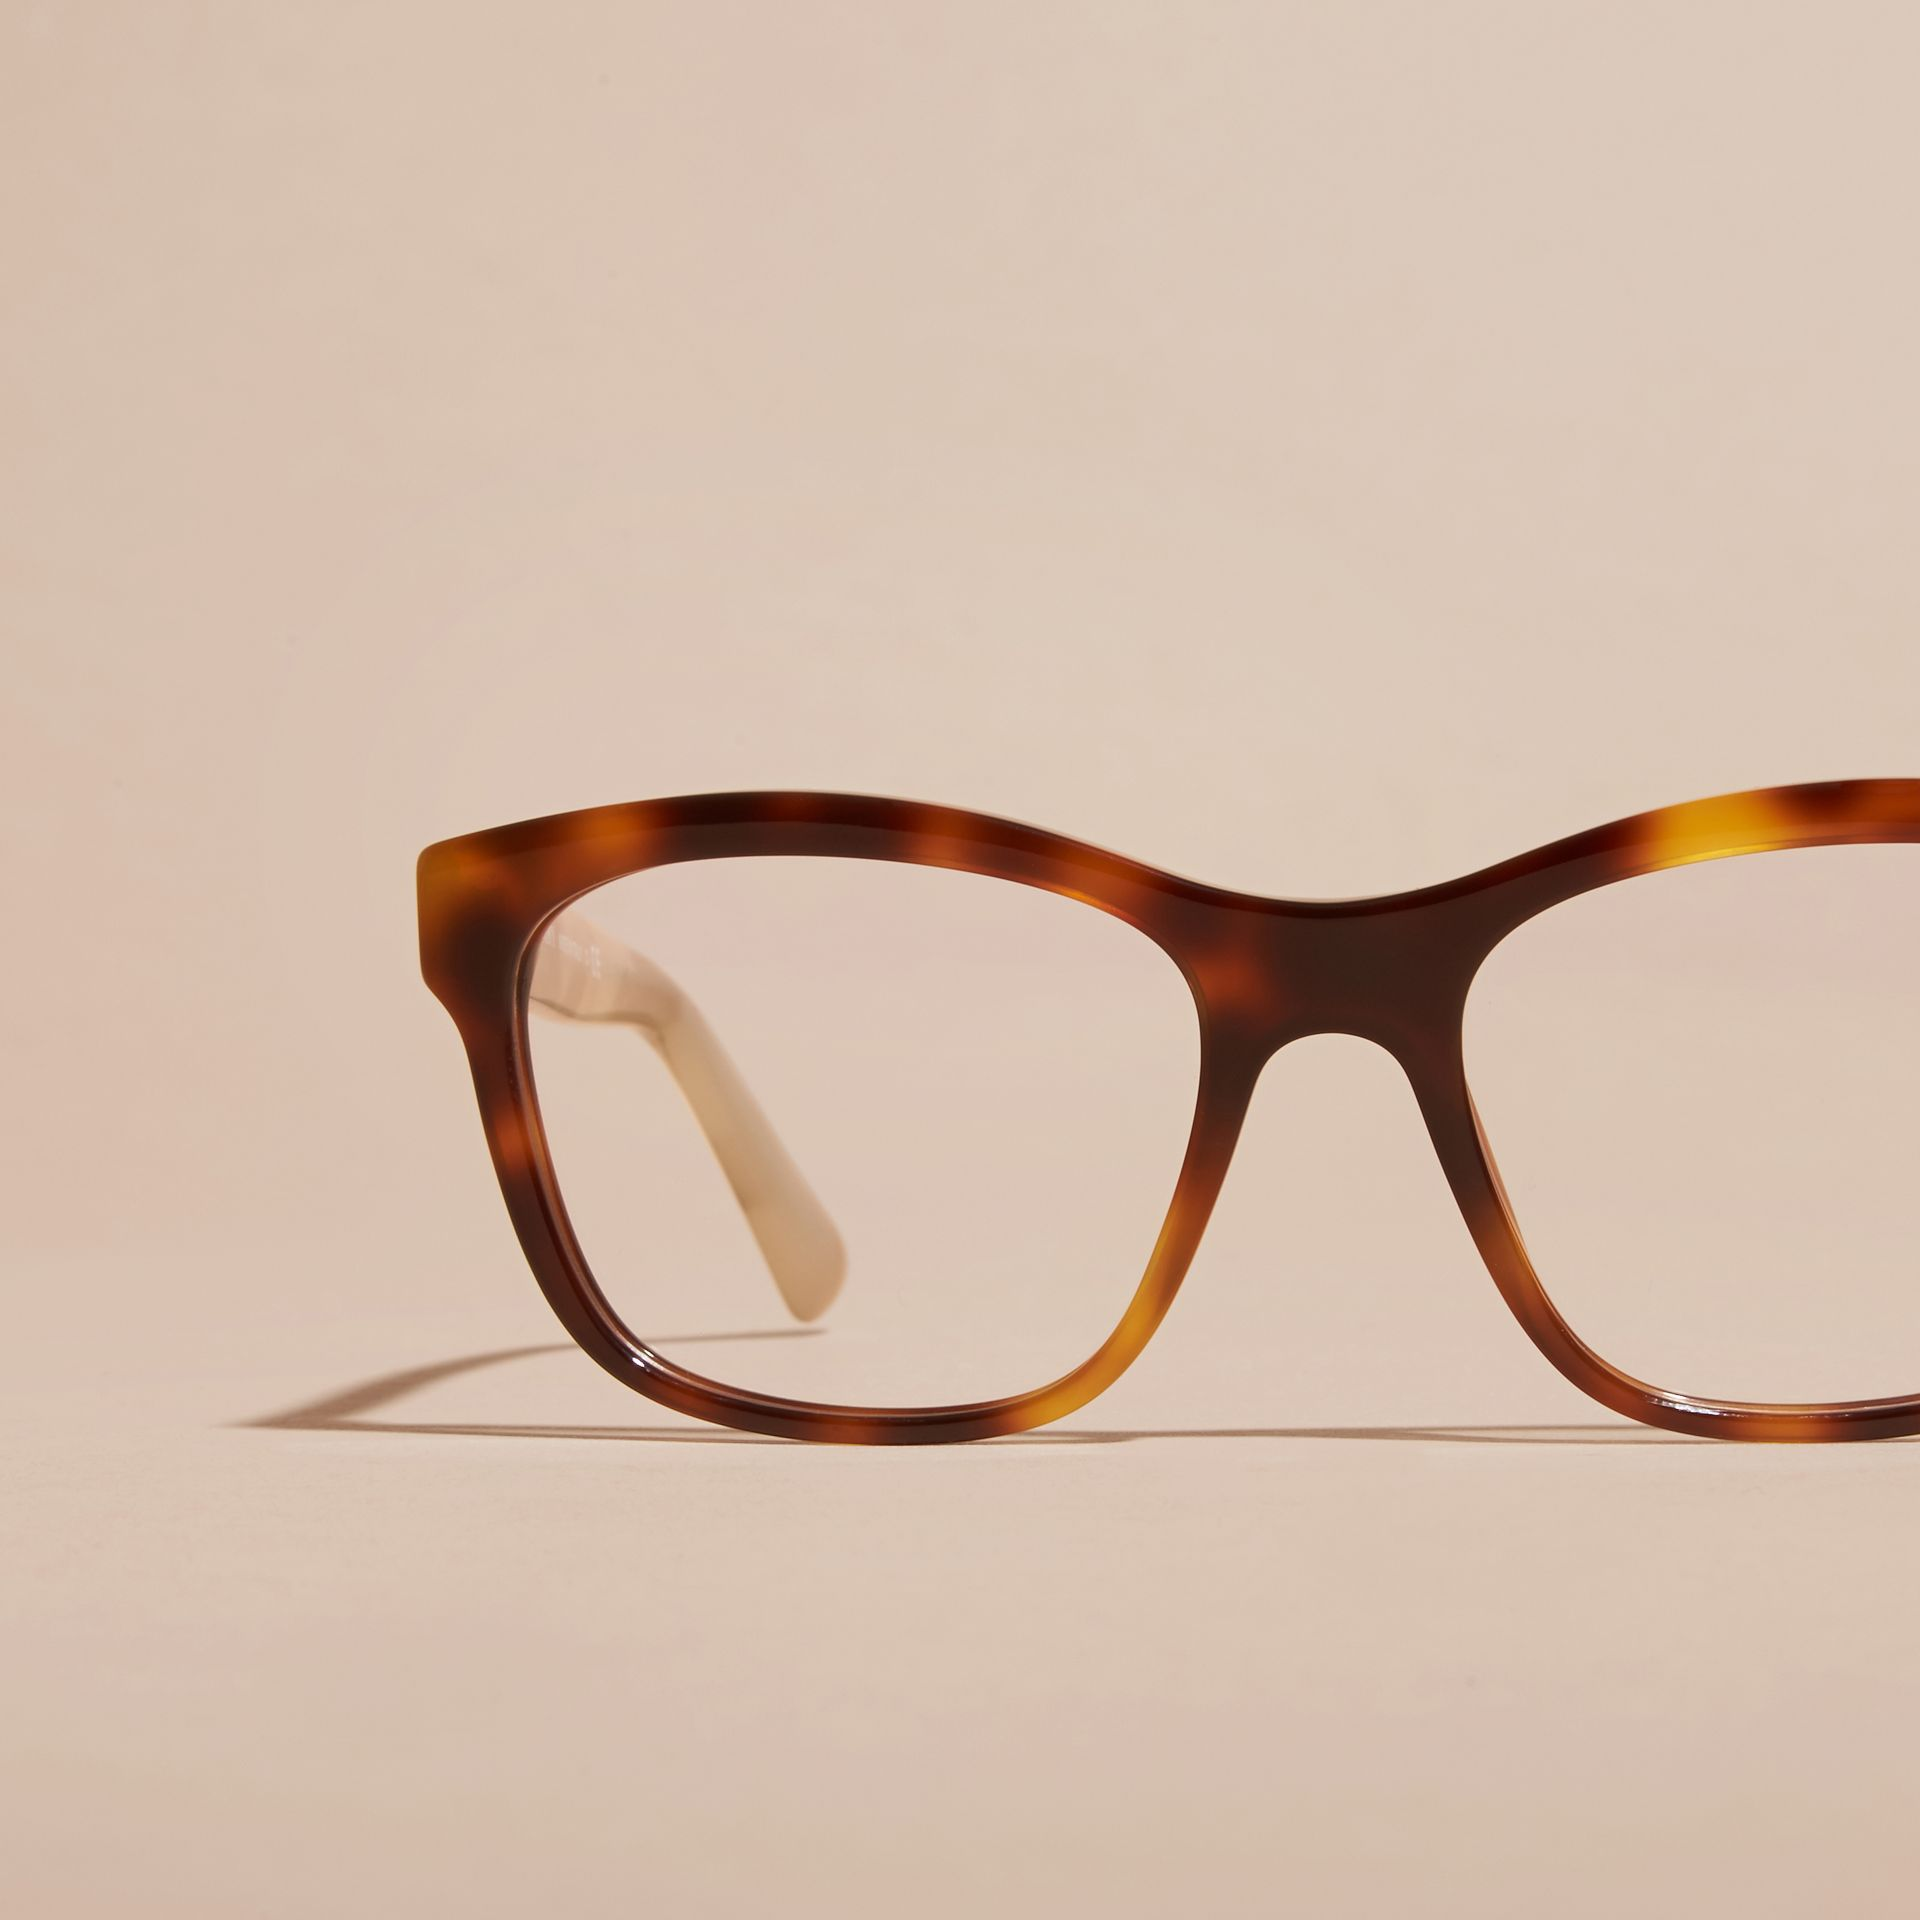 Brun roux clair Monture carrée à motif check pour lunettes de vue Brun Roux Clair - photo de la galerie 3